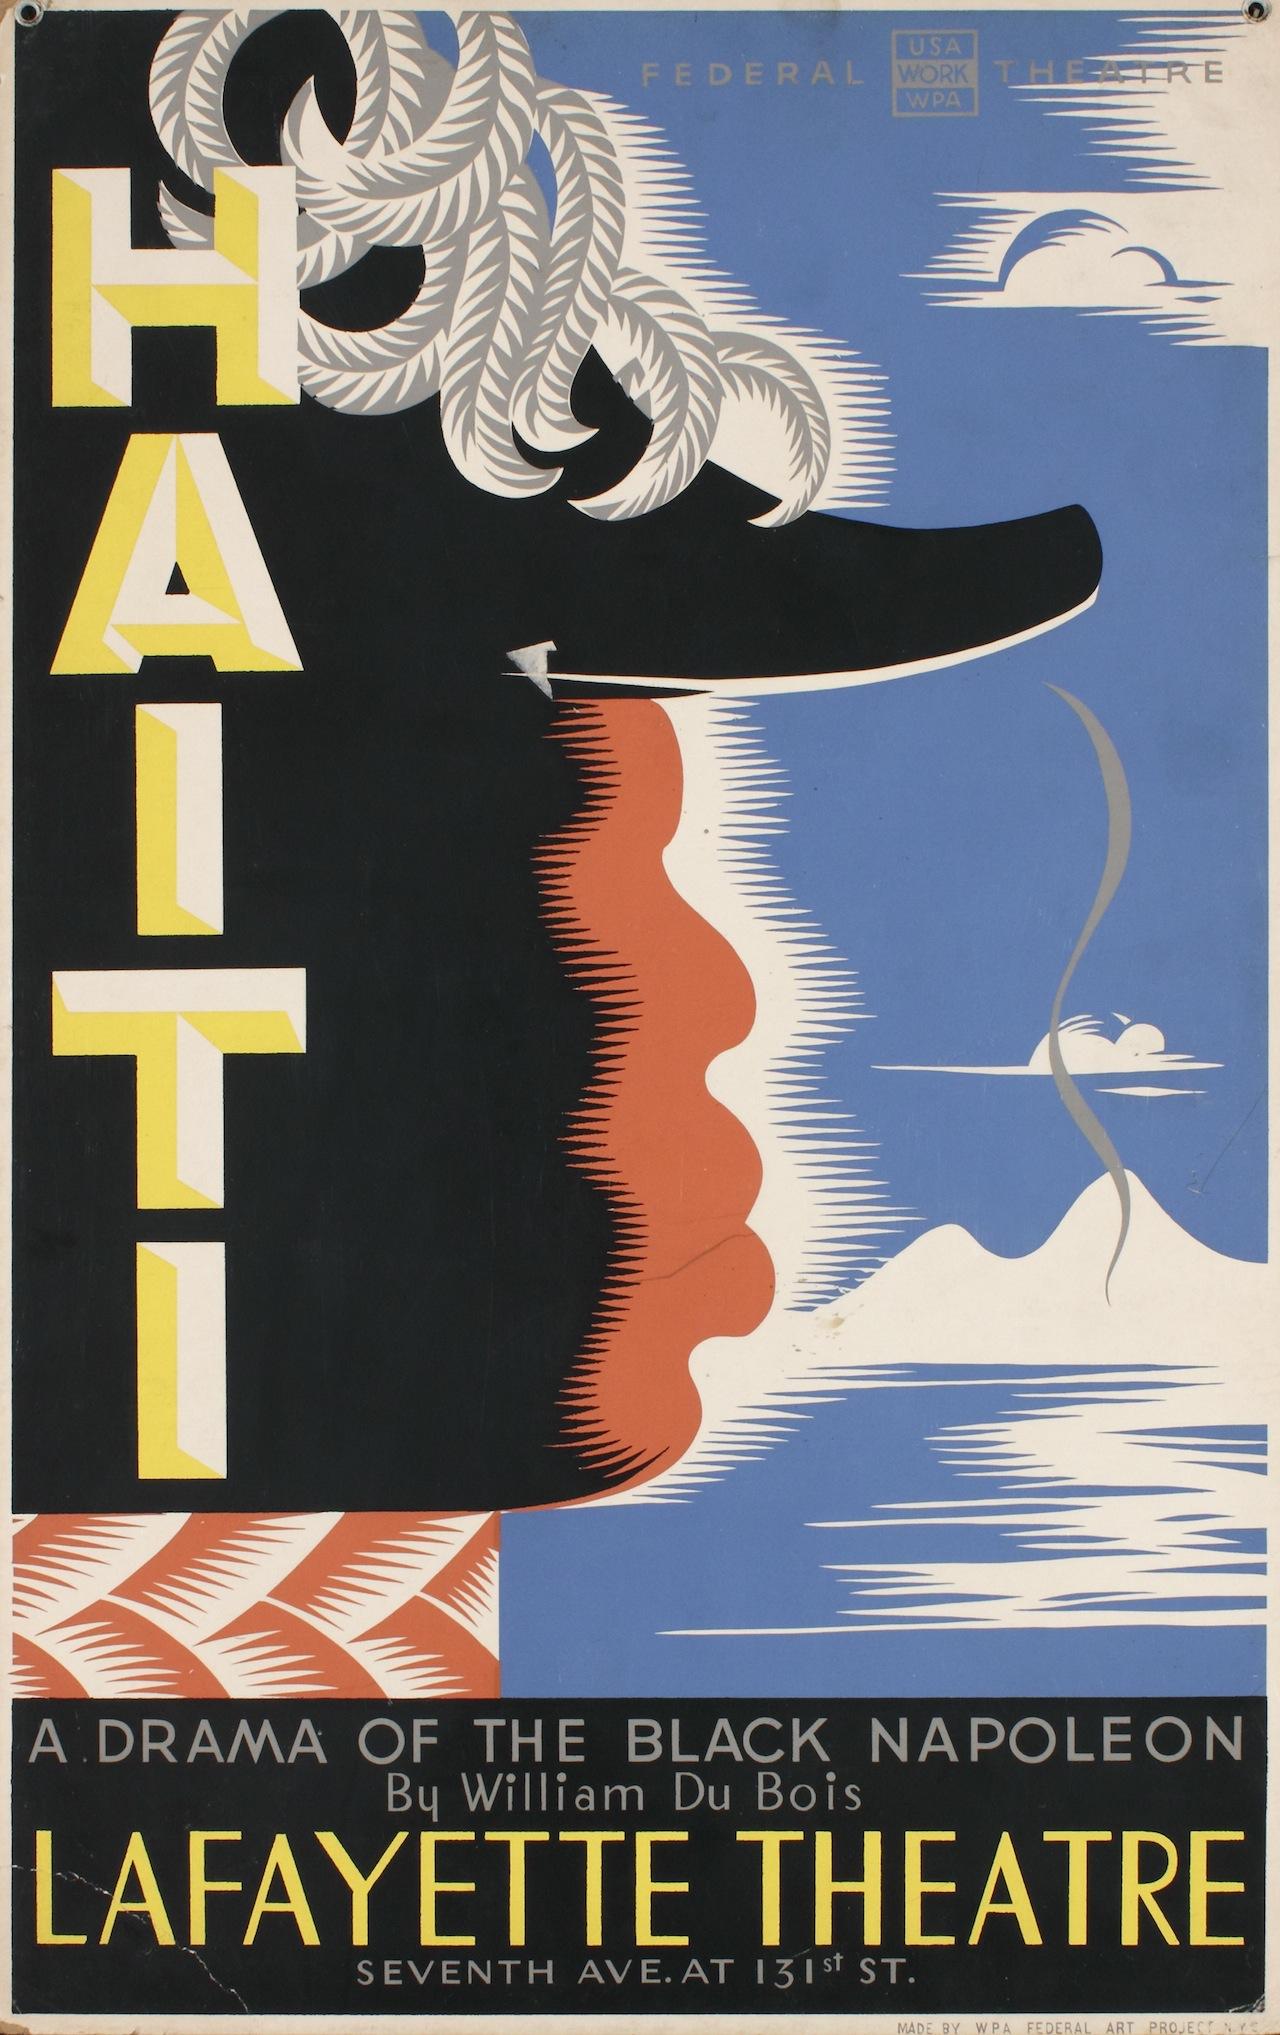 """Vera Bock, """"Haiti; A Drama of the Black Napoleon by William Du Bois at Lafayette Theatre"""" (1938), screenprint on board, Collection of Merrill C. Berman"""